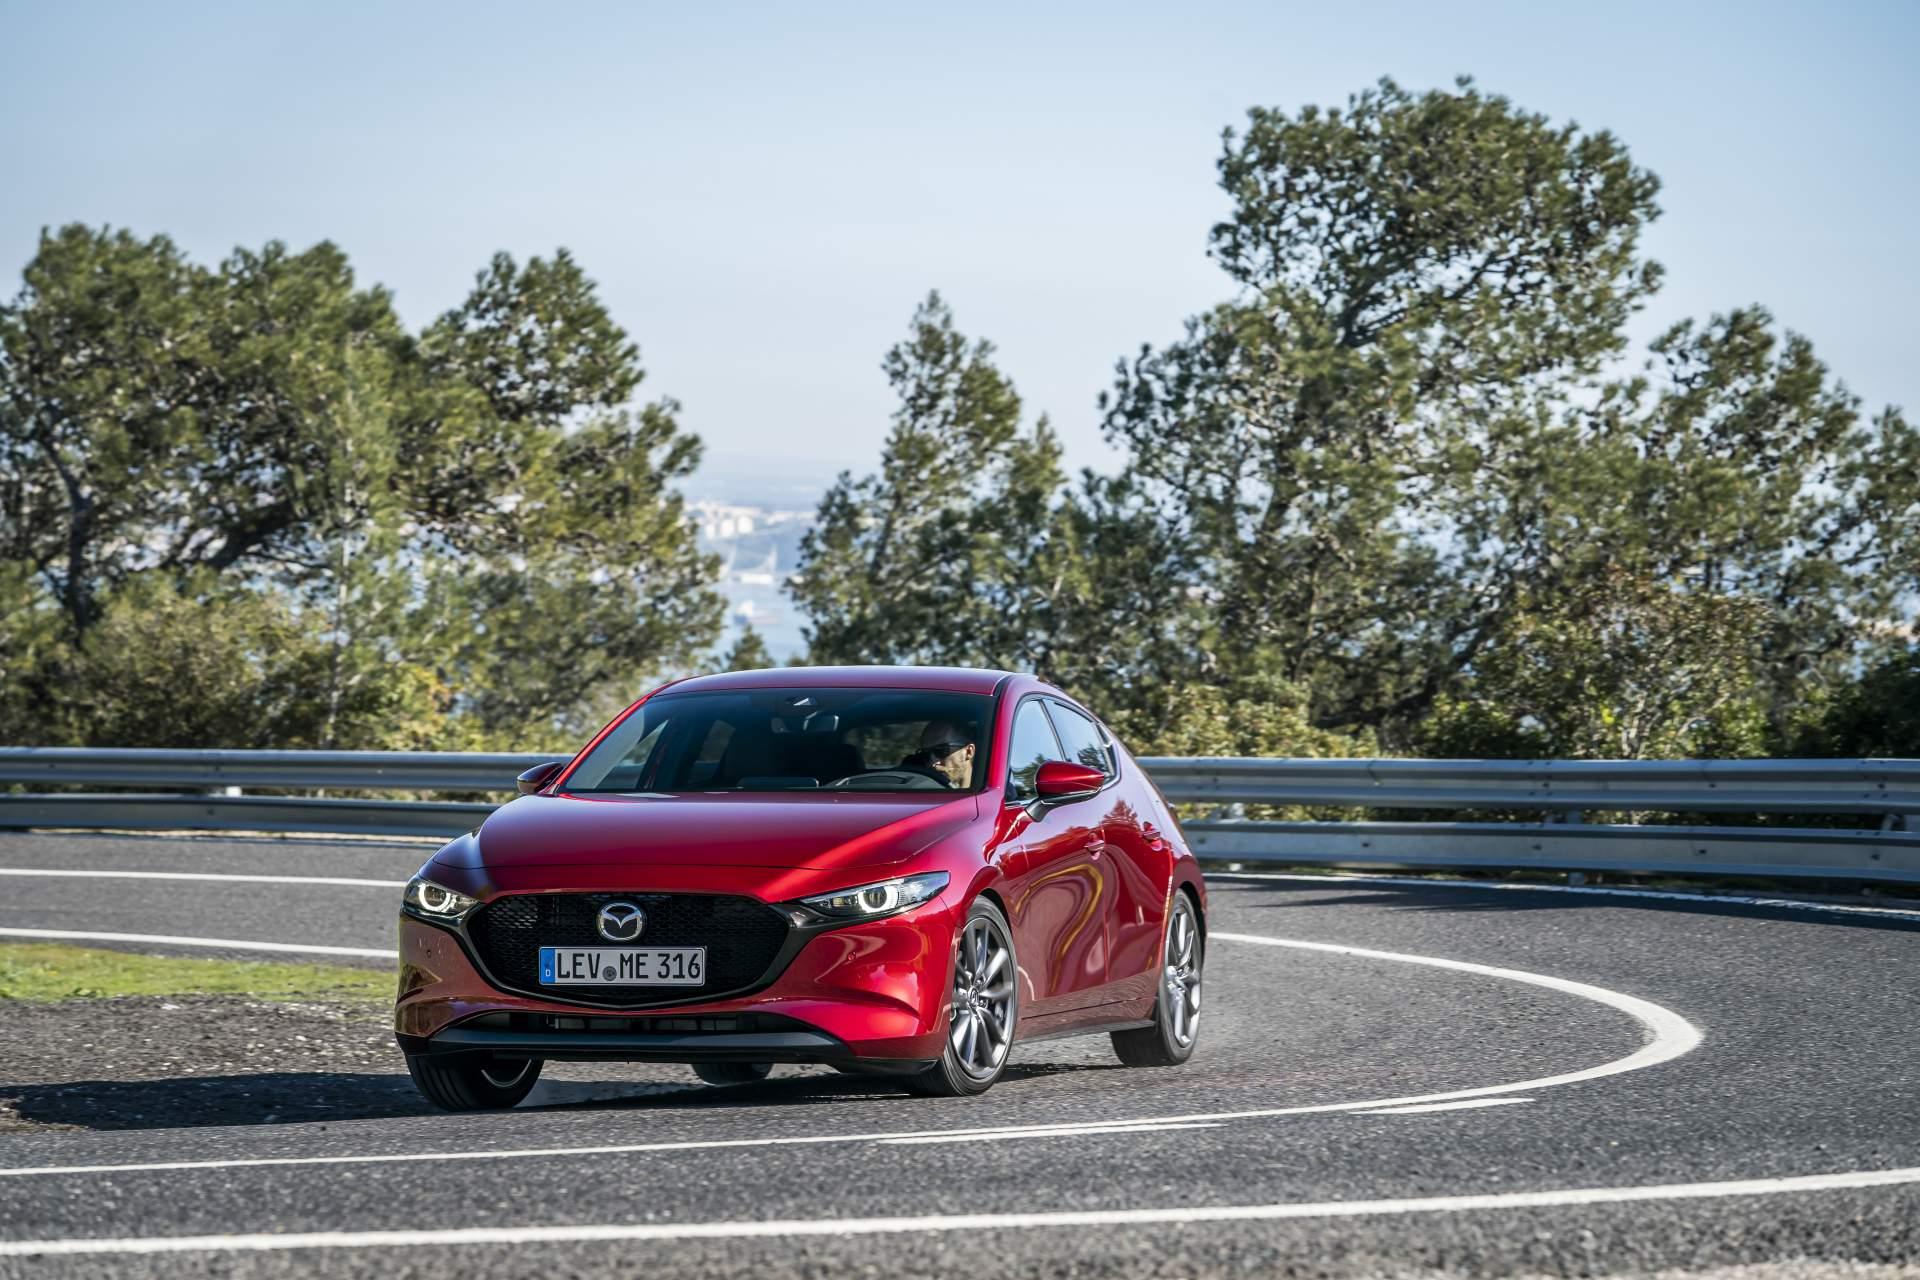 Mazda lo deja claro: No planean lanzar un Mazda3 MPS